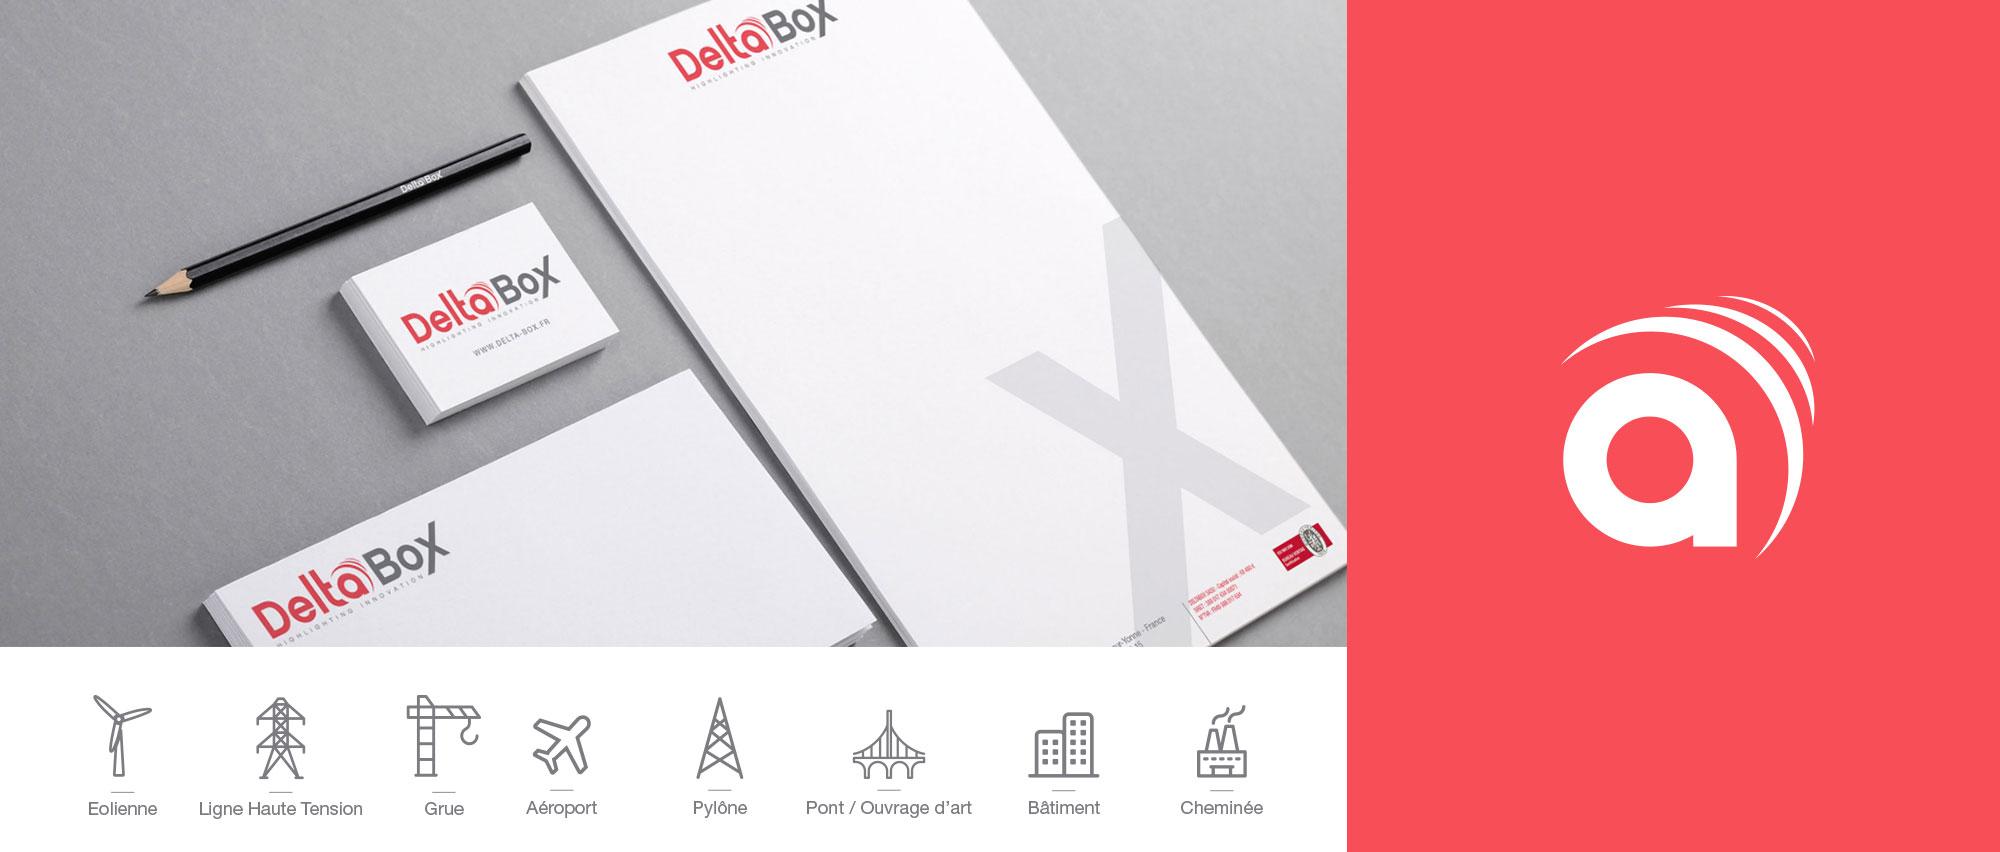 ikadia_deltabox_fond.jpg